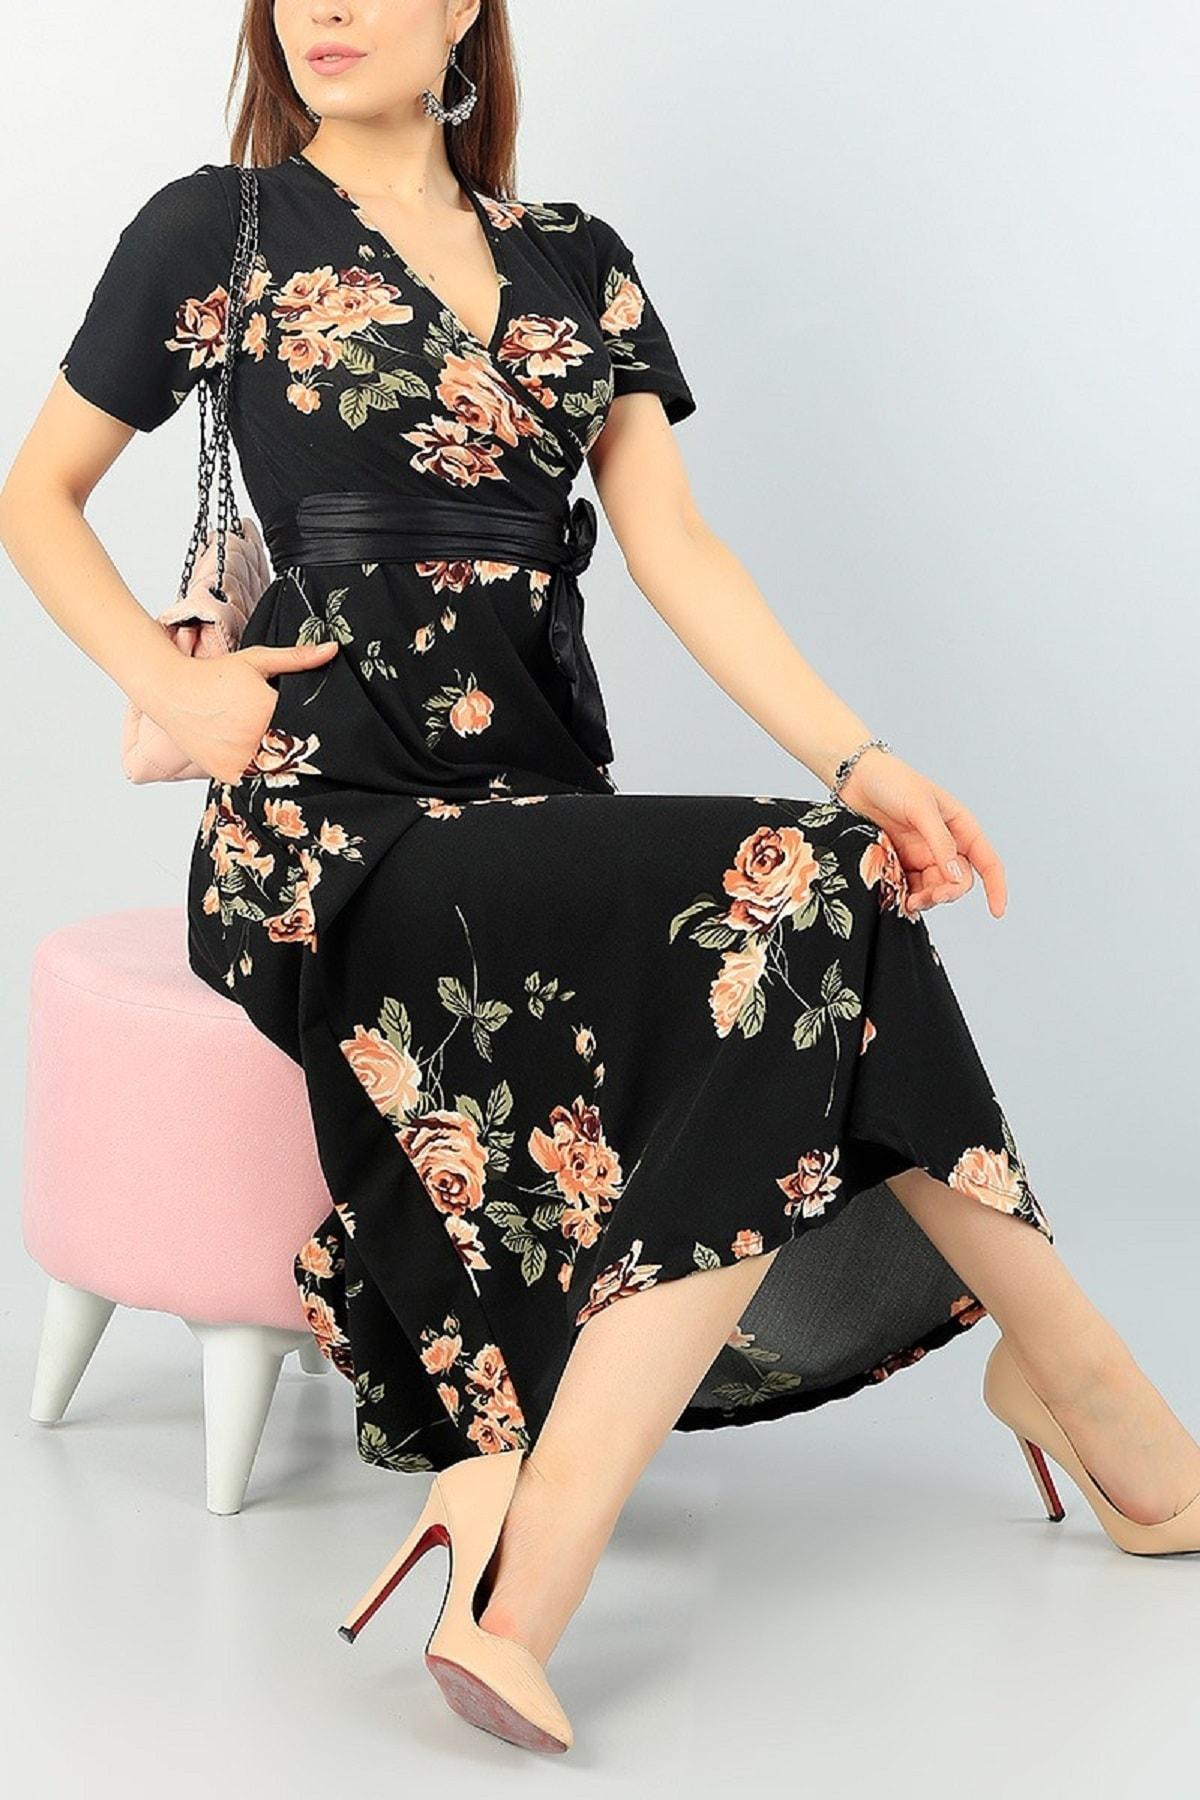 Butik Şımarık Kadın Büyük Beden Çiçek Baskılı Kruvaze Yaka Krep Kumaş Elbise Boy 120cm Kemer Dahil 1